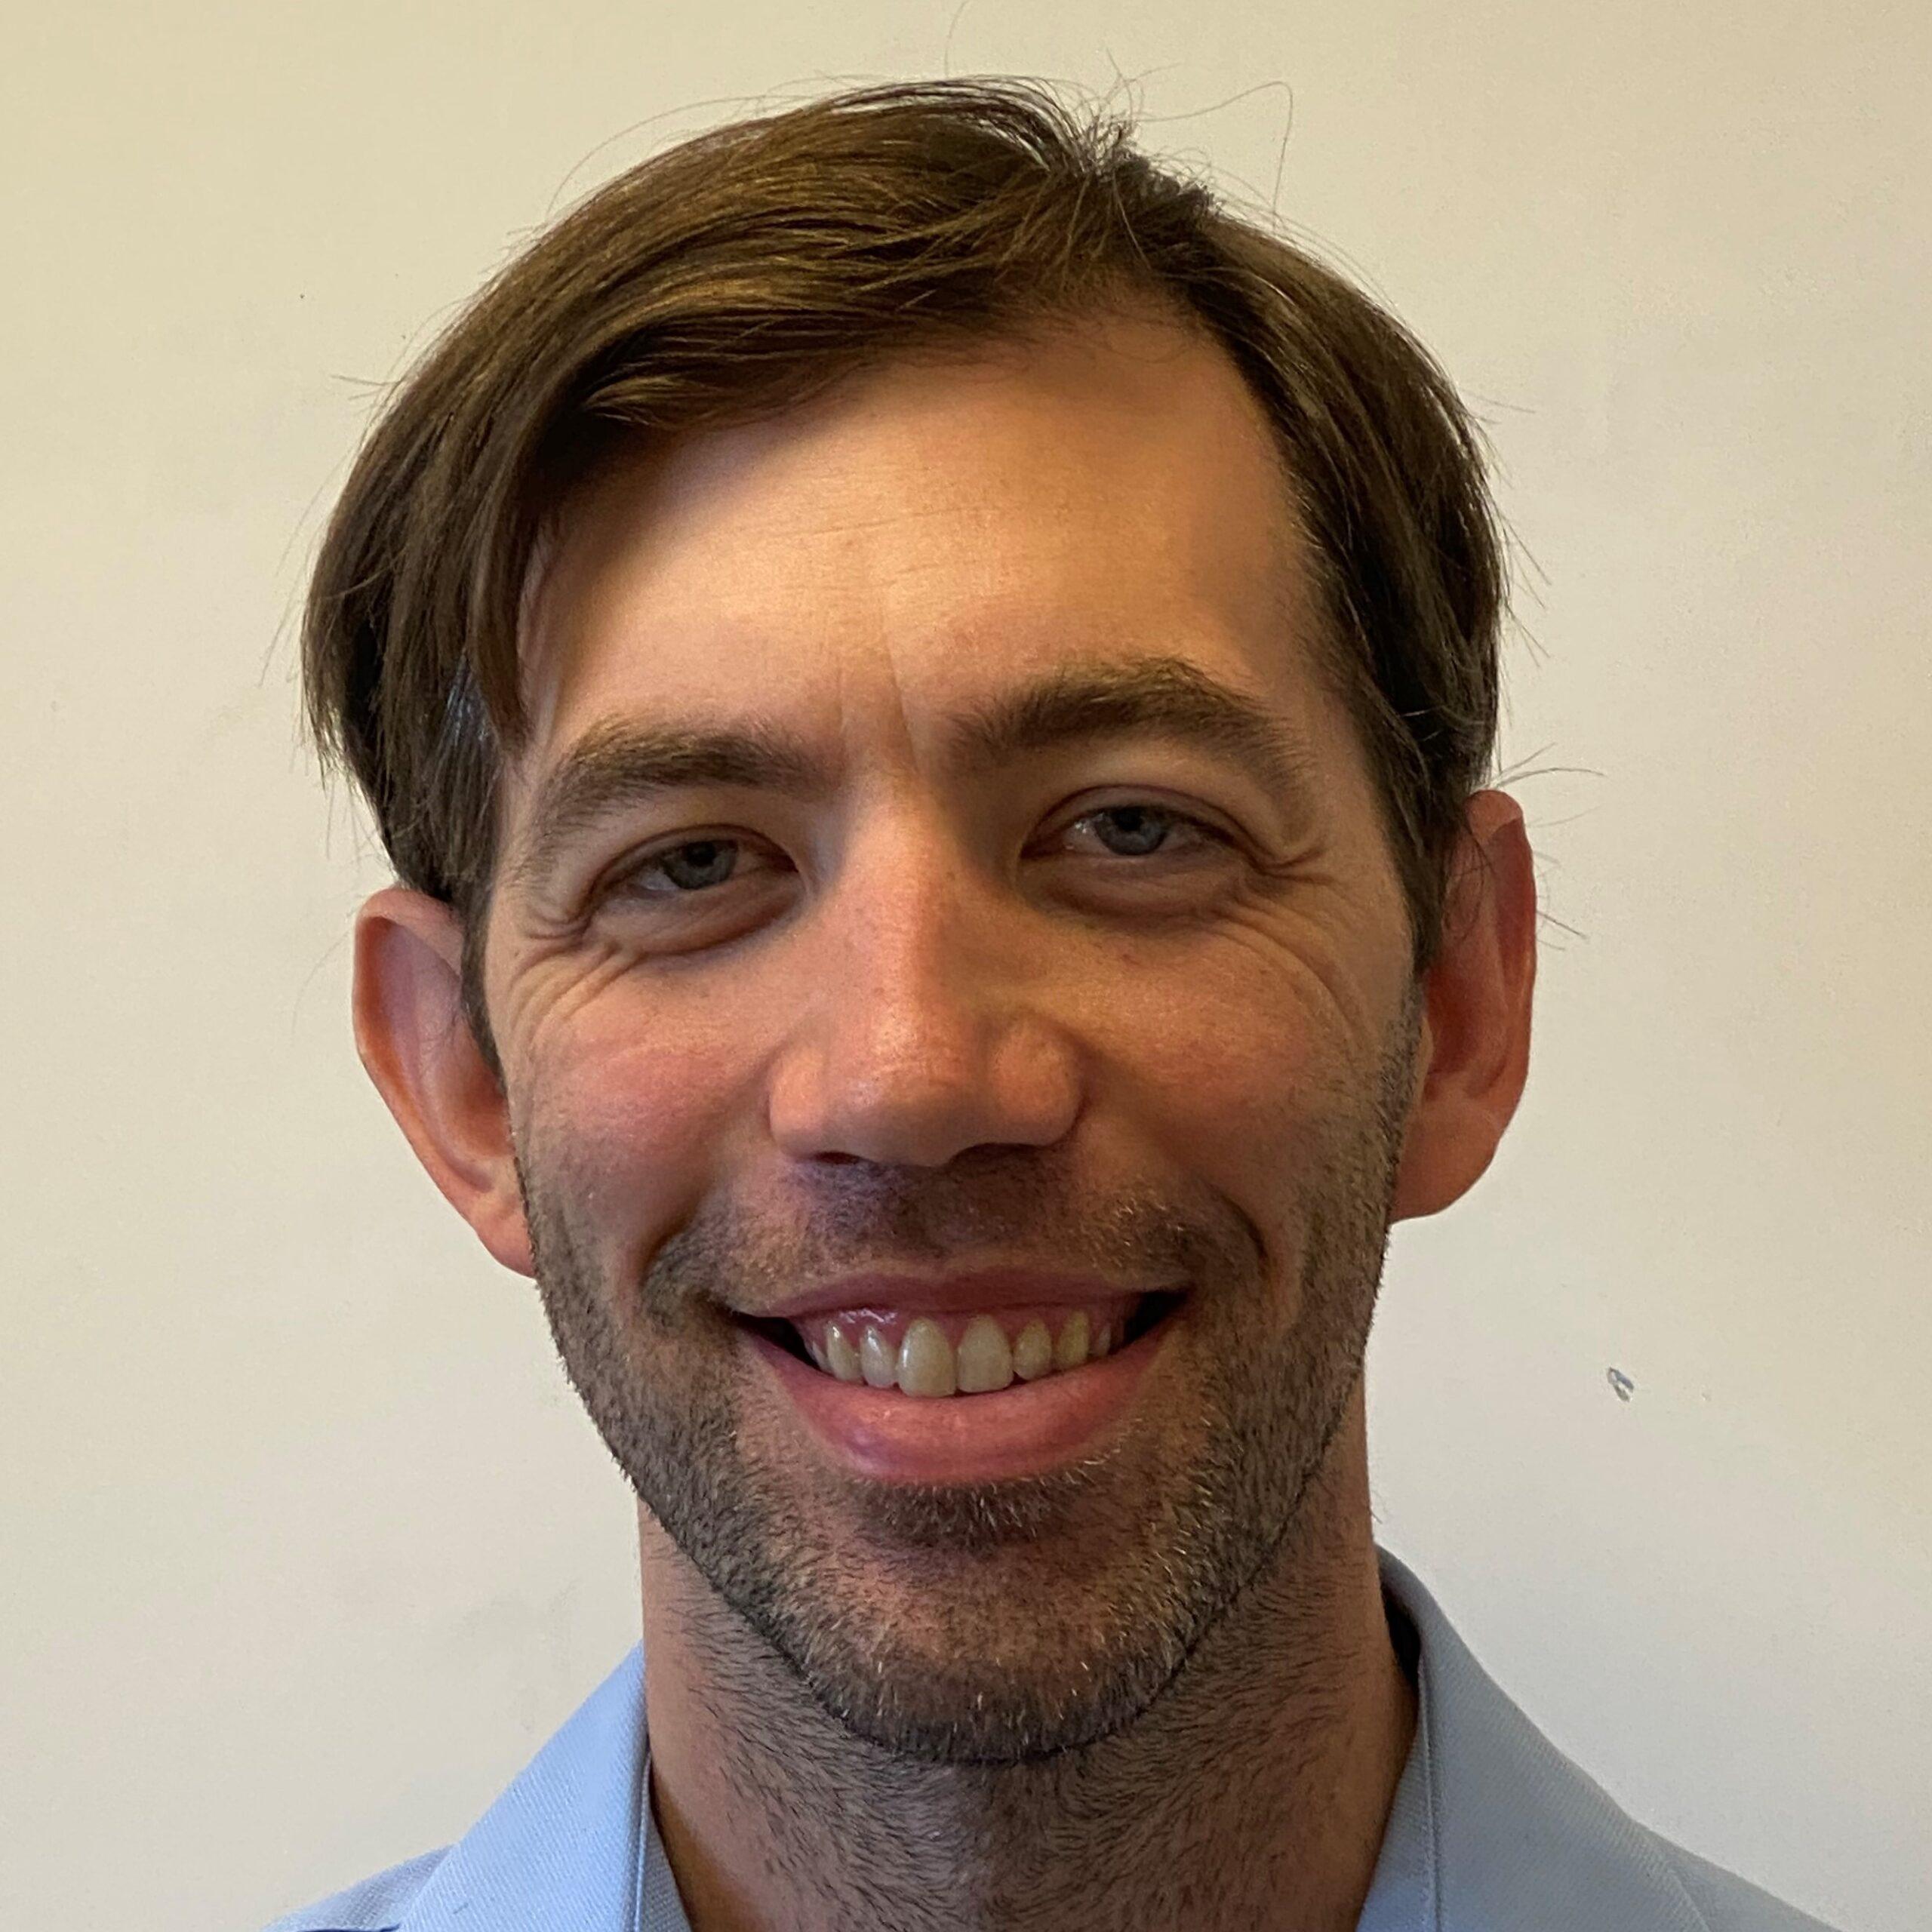 安德鲁·麦德林,DDS |牙医